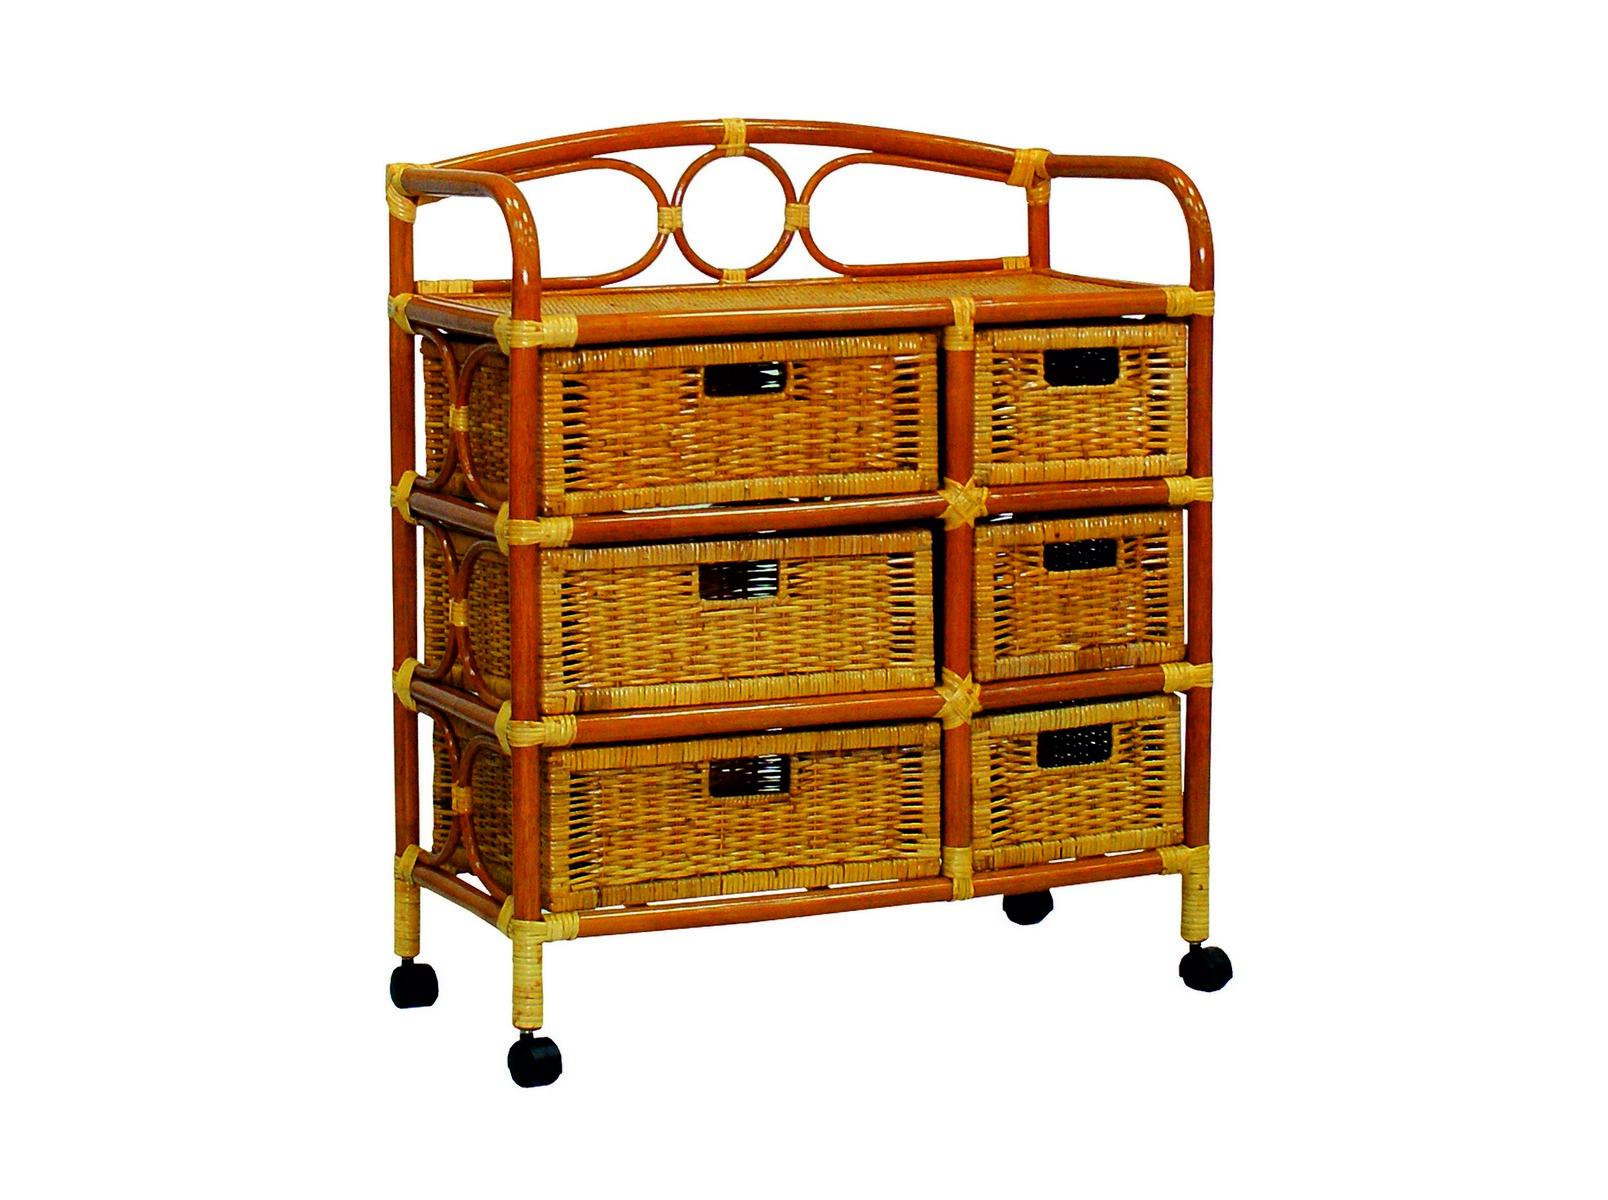 Комод с плетеными ящикамиСистемы хранения для улицы<br>Ротанг — гибкое и прочное растение, мебель из ротанга может выдерживать большой вес. Важным достоинством комода из ротанга является его легкость.&amp;lt;div&amp;gt;&amp;lt;br&amp;gt;&amp;lt;/div&amp;gt;&amp;lt;div&amp;gt;Цвет: коньячный&amp;lt;/div&amp;gt;&amp;lt;div&amp;gt;Особенности:  на колесиках&amp;lt;/div&amp;gt;&amp;lt;div&amp;gt;Вес: 11 кг&amp;lt;/div&amp;gt;<br><br>Material: Ротанг<br>Width см: 75<br>Depth см: 37<br>Height см: 88